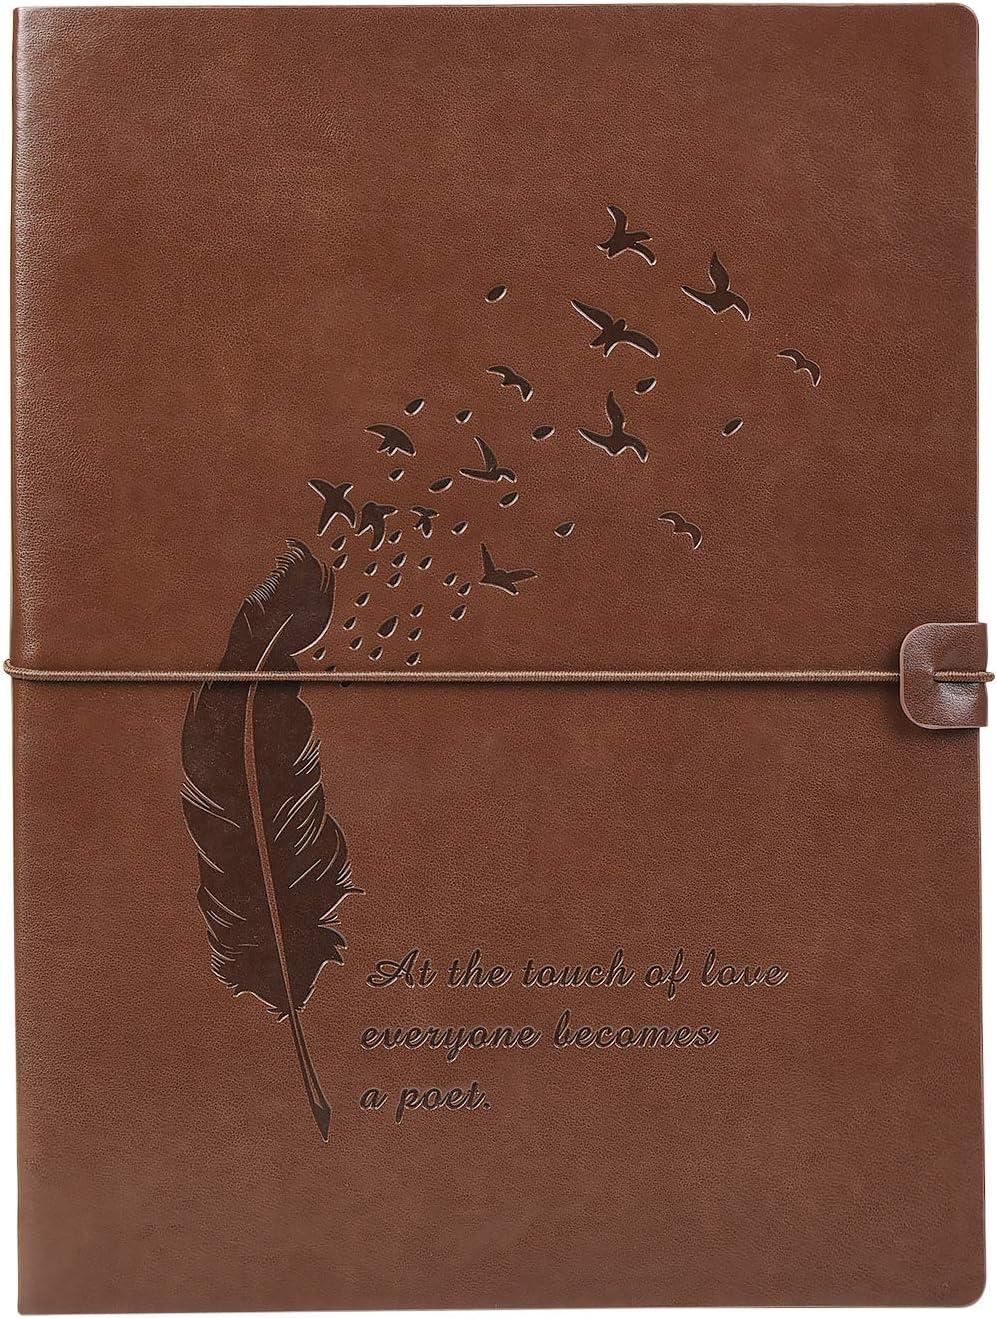 VEESUN A4 Libreta Bonitas Cuaderno de Cuero Vintage Diario de Viaje Recargable Bloc de Notas Journal Sketchbook en Blanco, Regalo Original San Valentín Navidad cumpleaños Aniversario Boda, Pluma